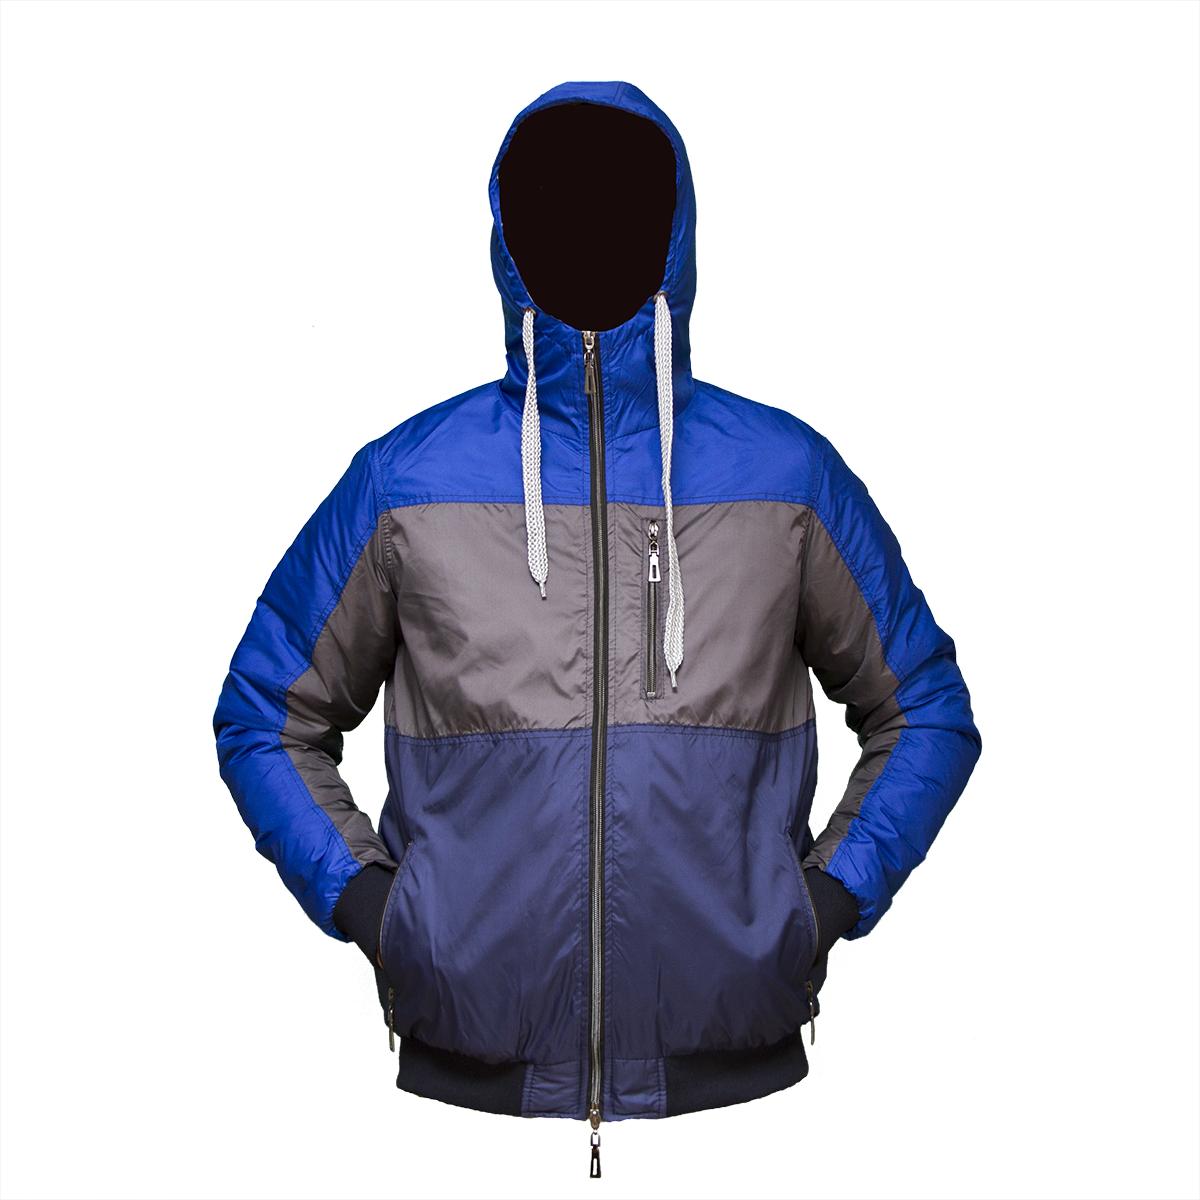 Мужская легкая куртка на сетке новые модели KS459-3